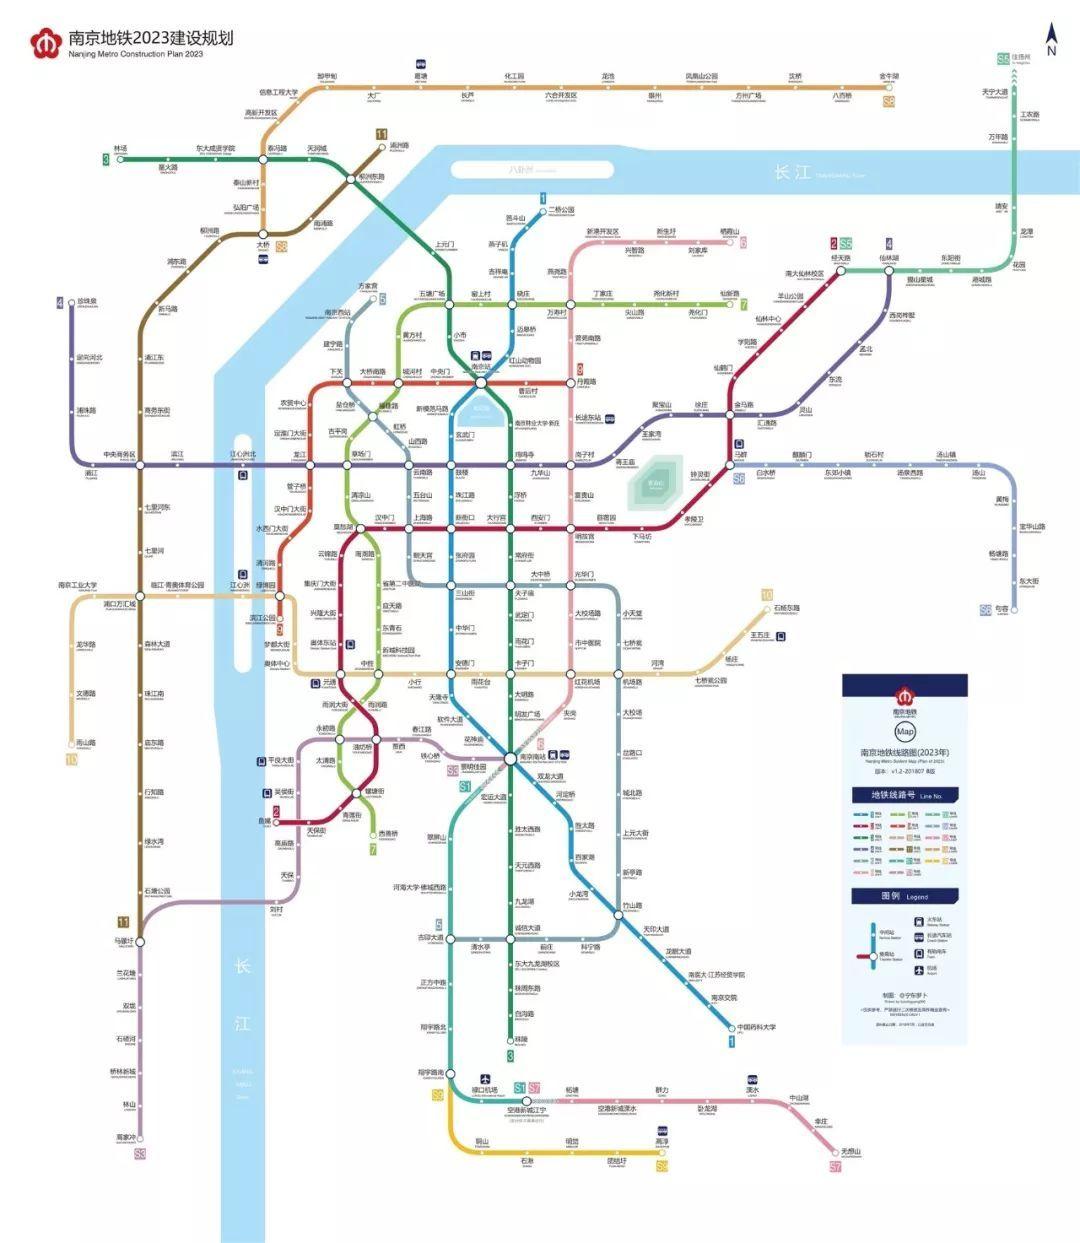 南京地铁2022建设规划图出炉 附南京最新地铁建设情况一览